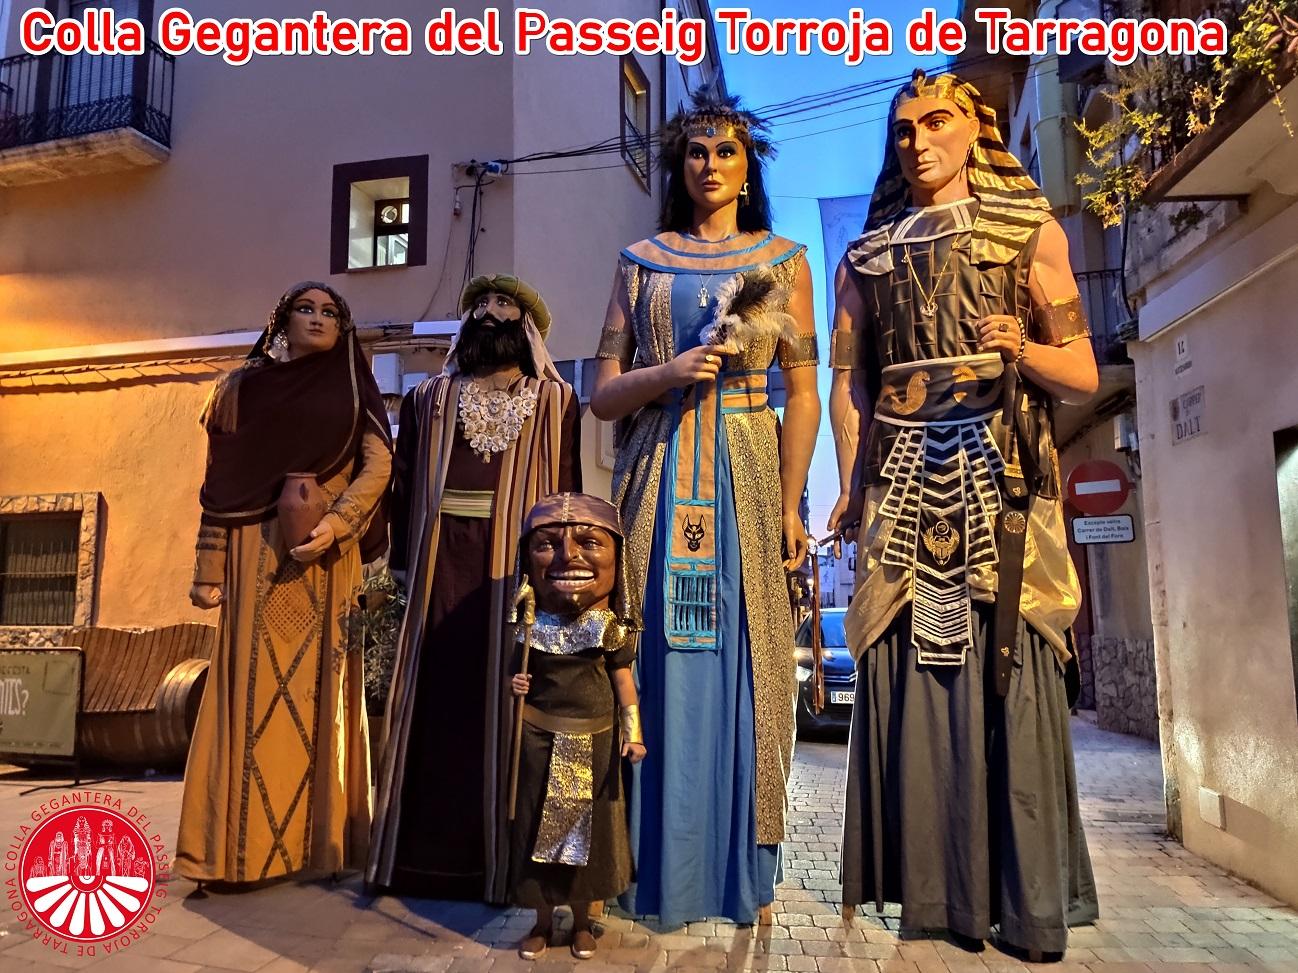 Colla Gegantera del Passeig Torroja de Tarragona